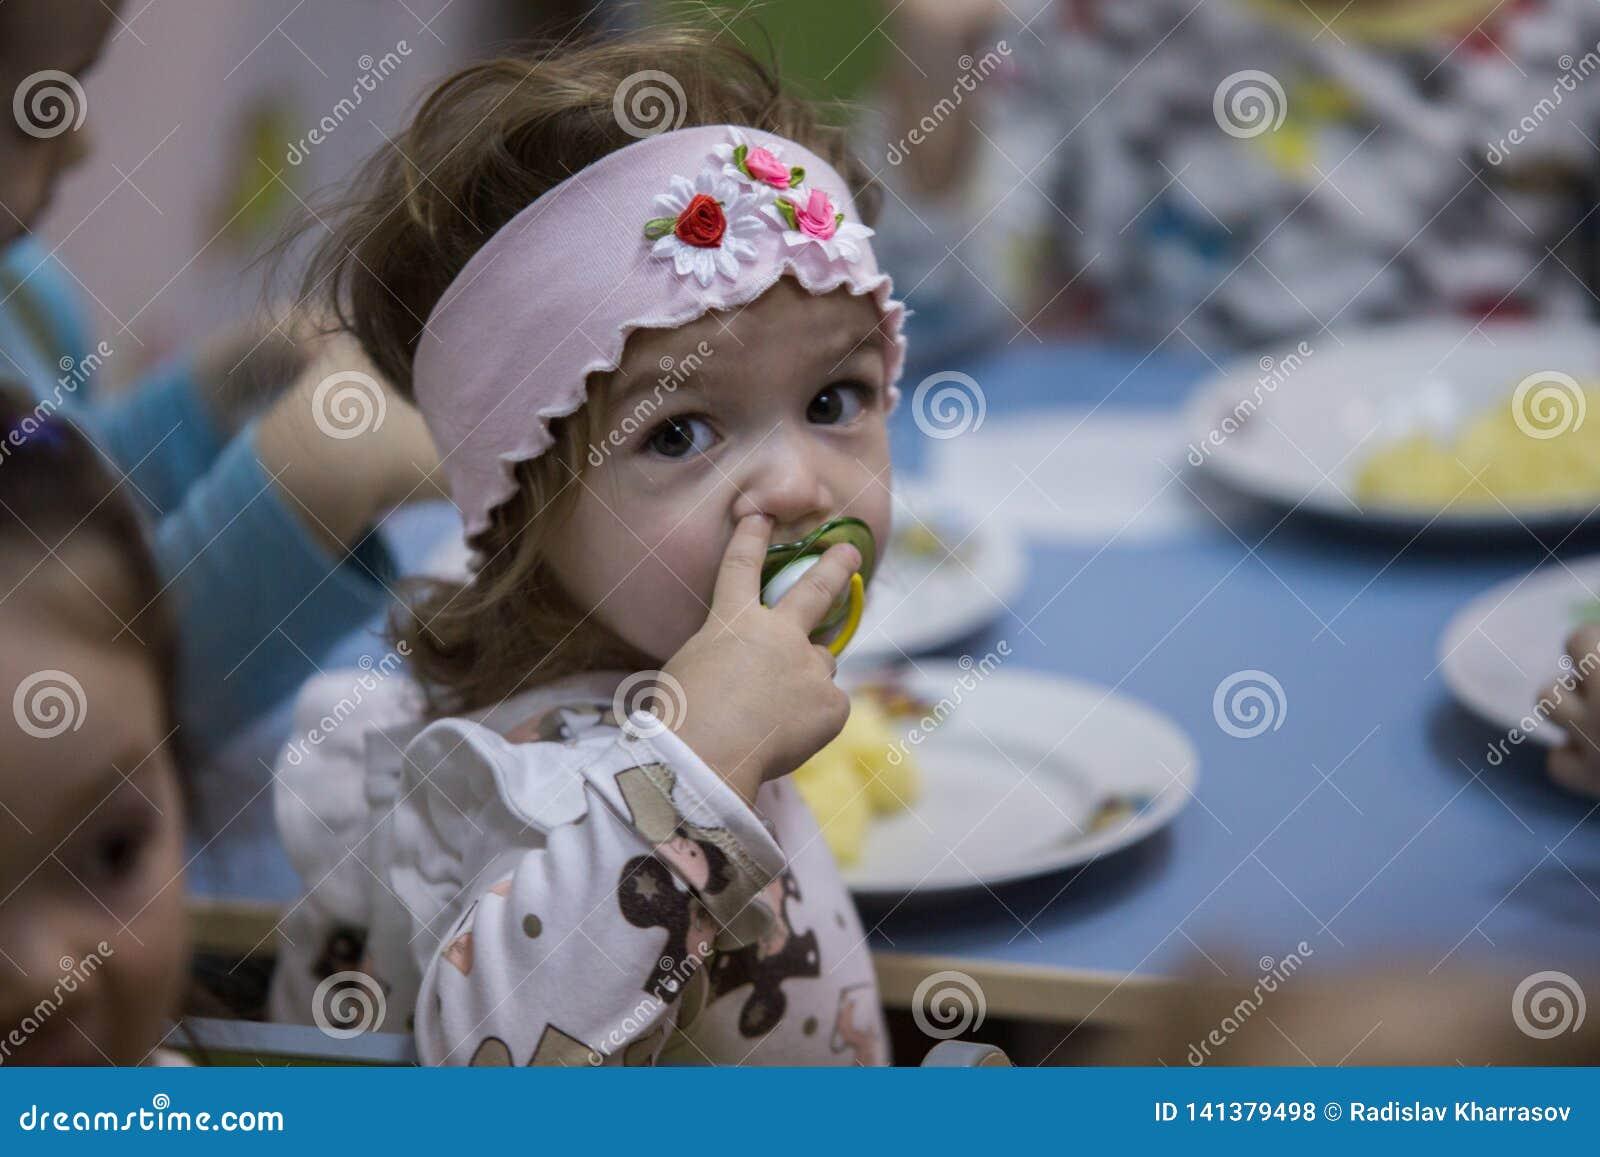 2019 01 22, Moscú, Rusia La niña cena